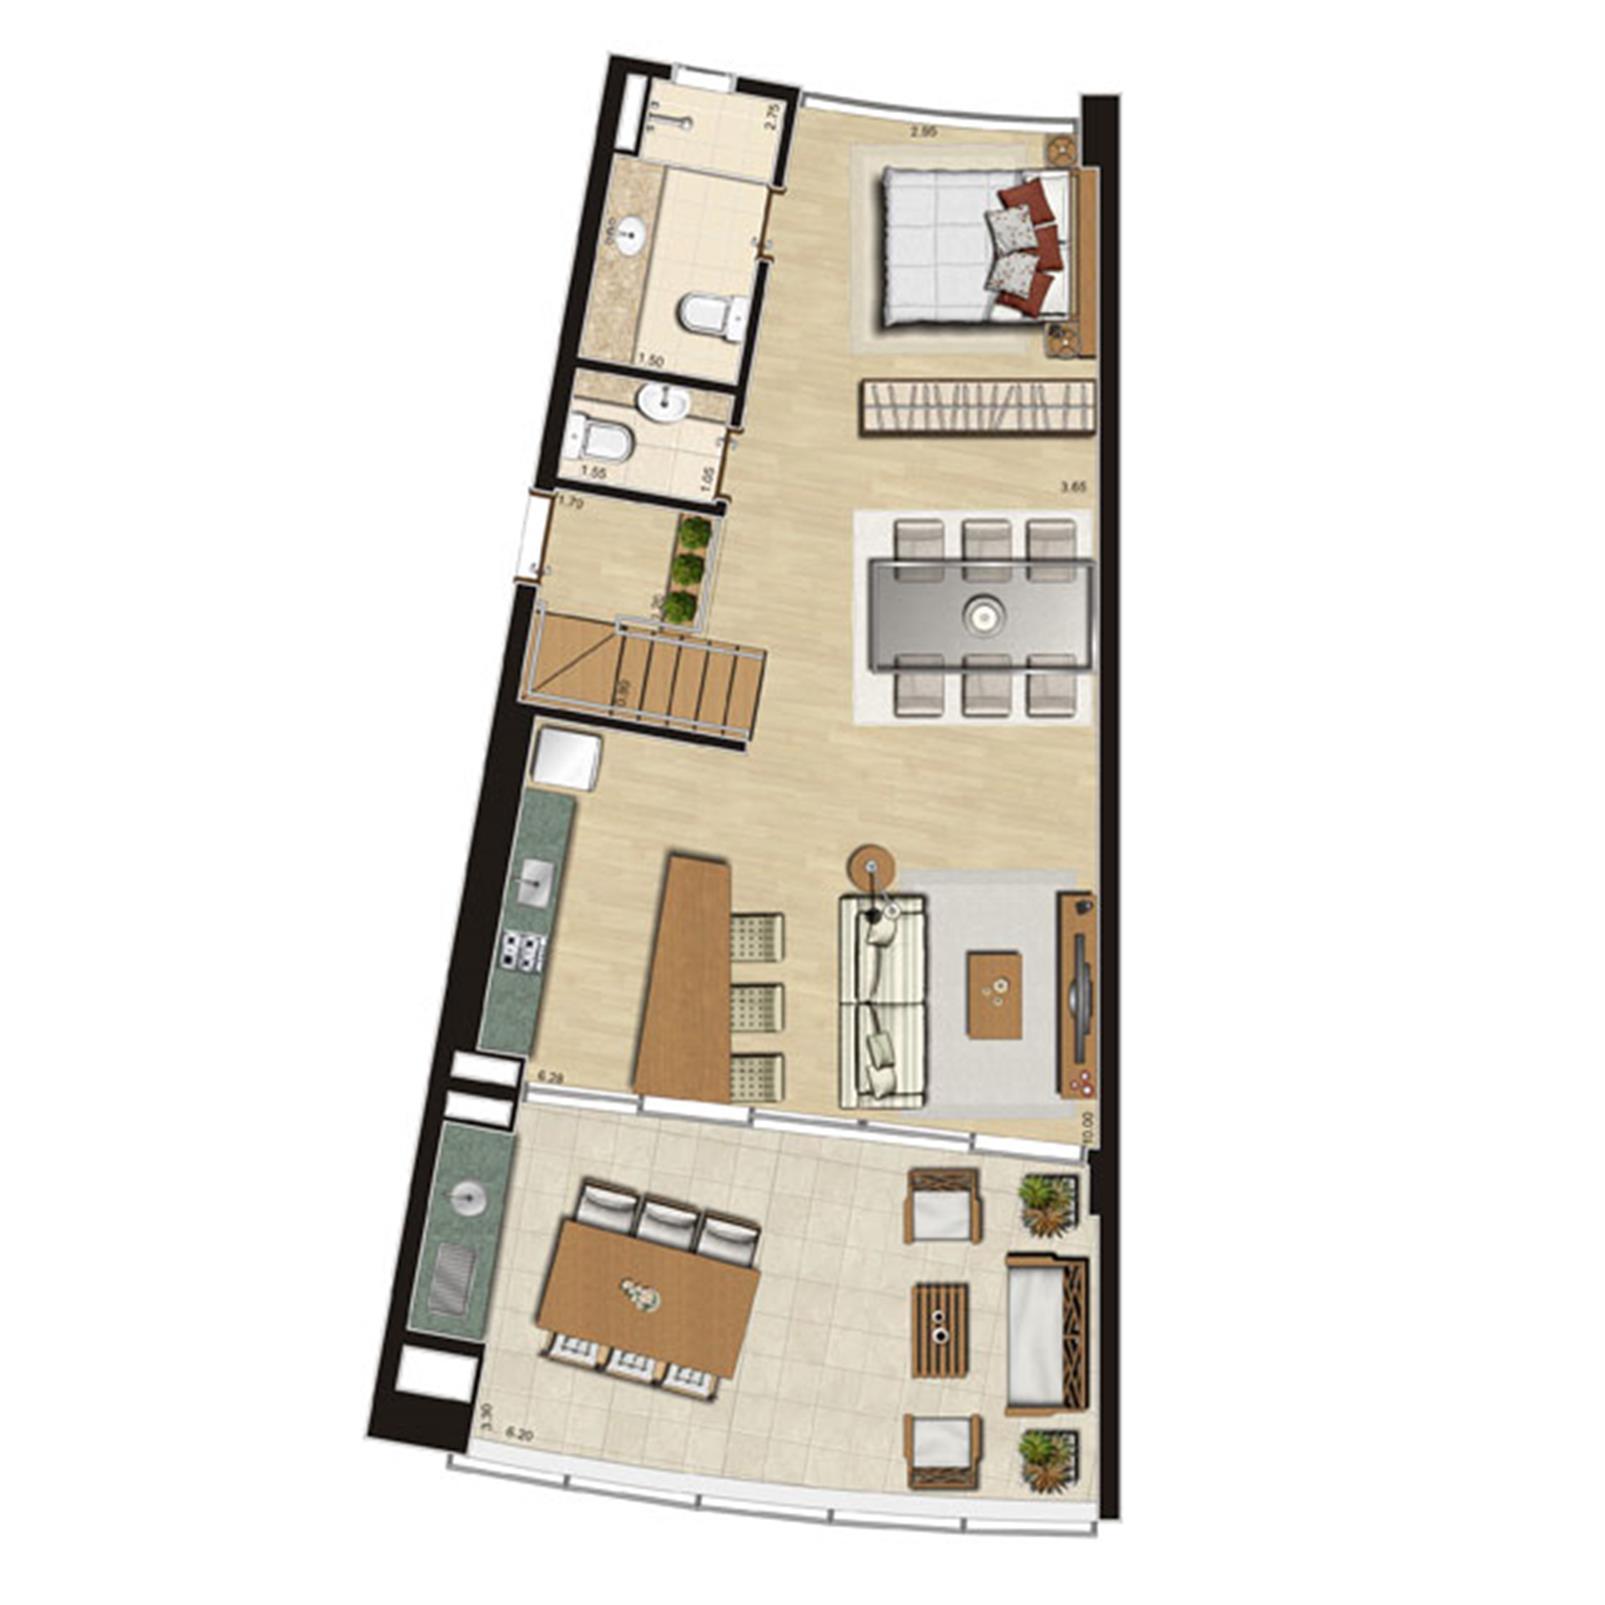 Loft com mezanino | Thera Residence – Apartamentona  Berrini - São Paulo - São Paulo